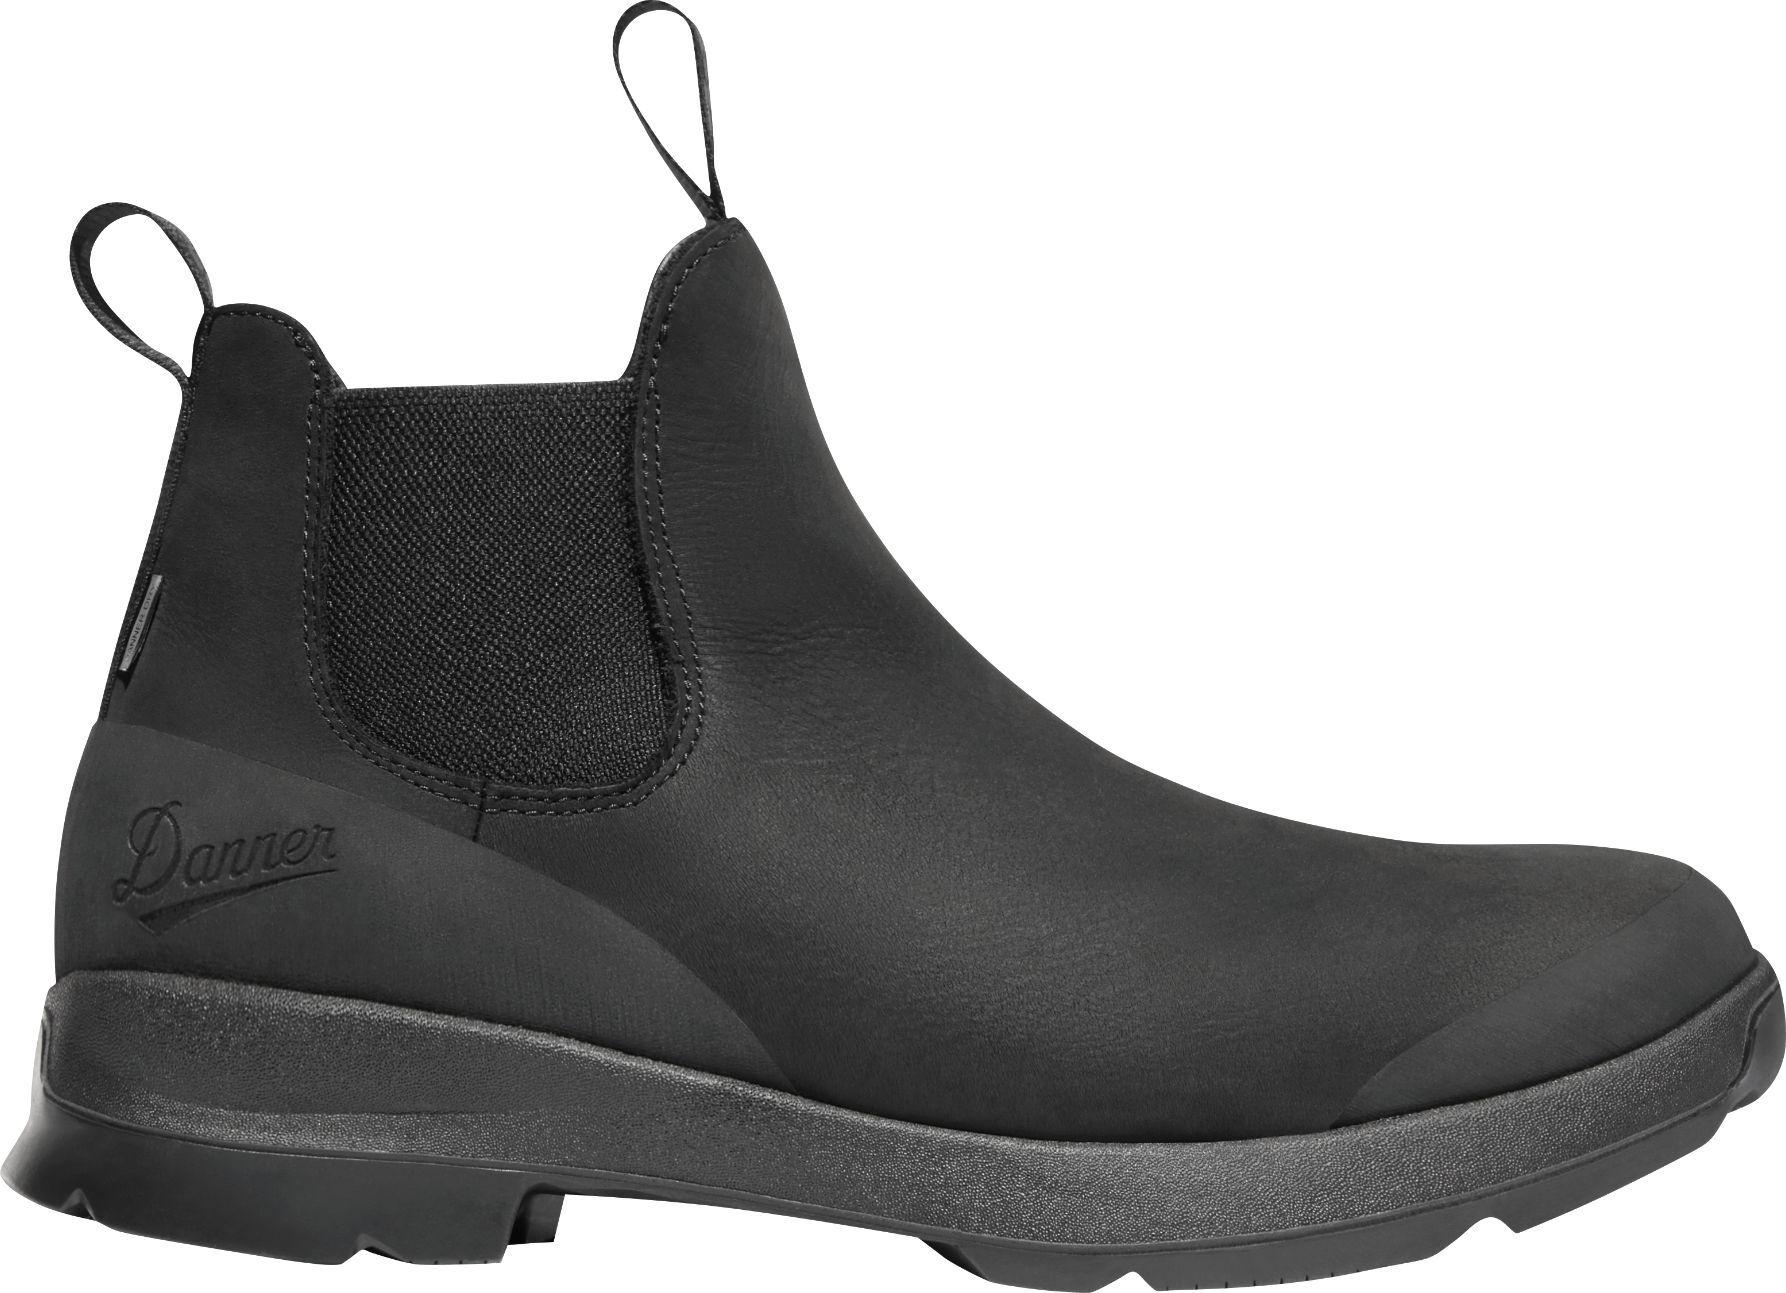 Danner Men's Pub Garden 4.5'' Chelsea Waterproof Hiking Boots, Black